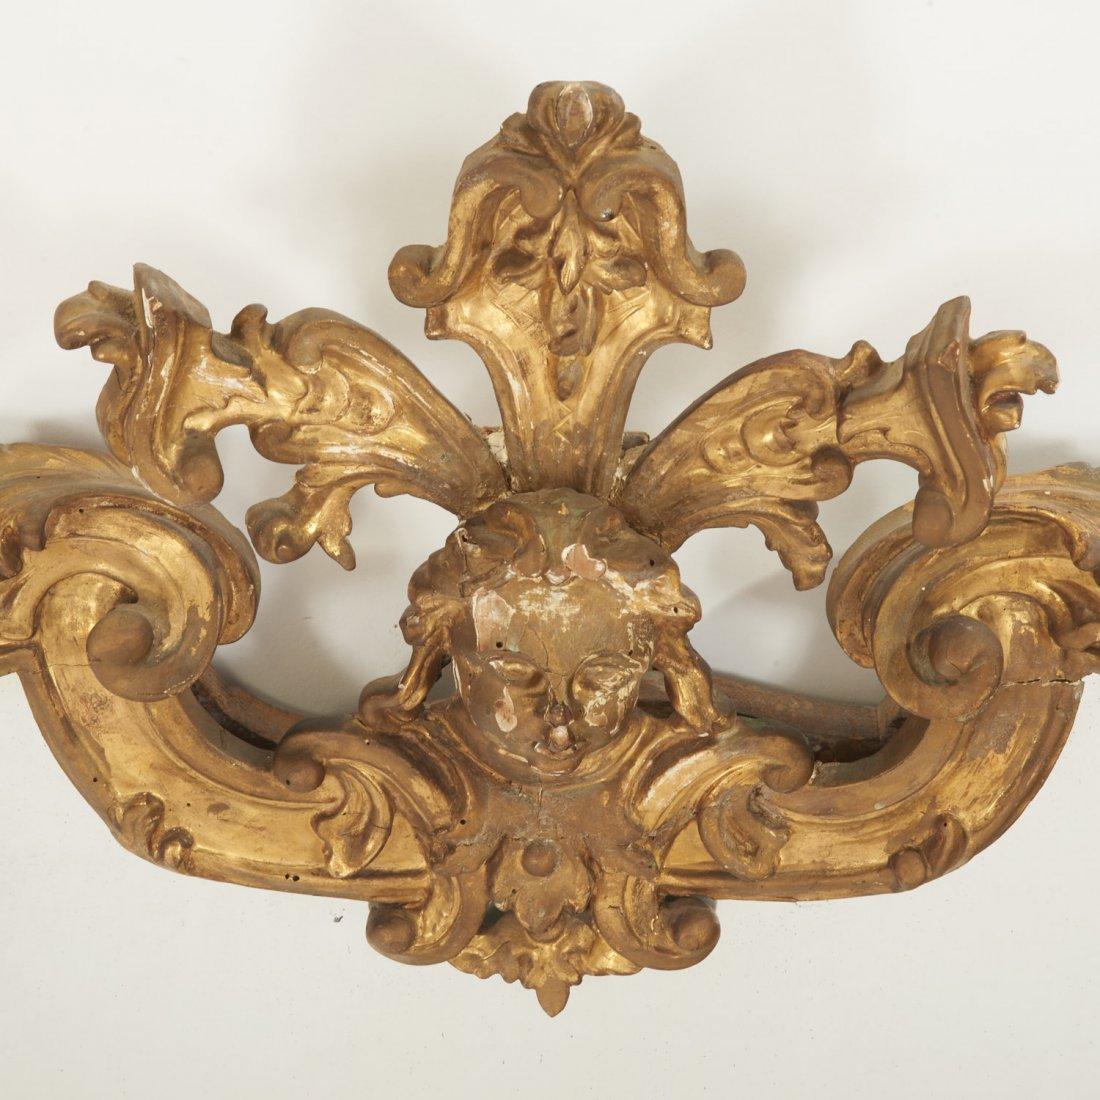 Italian Rococo giltwood wall mirror - 2